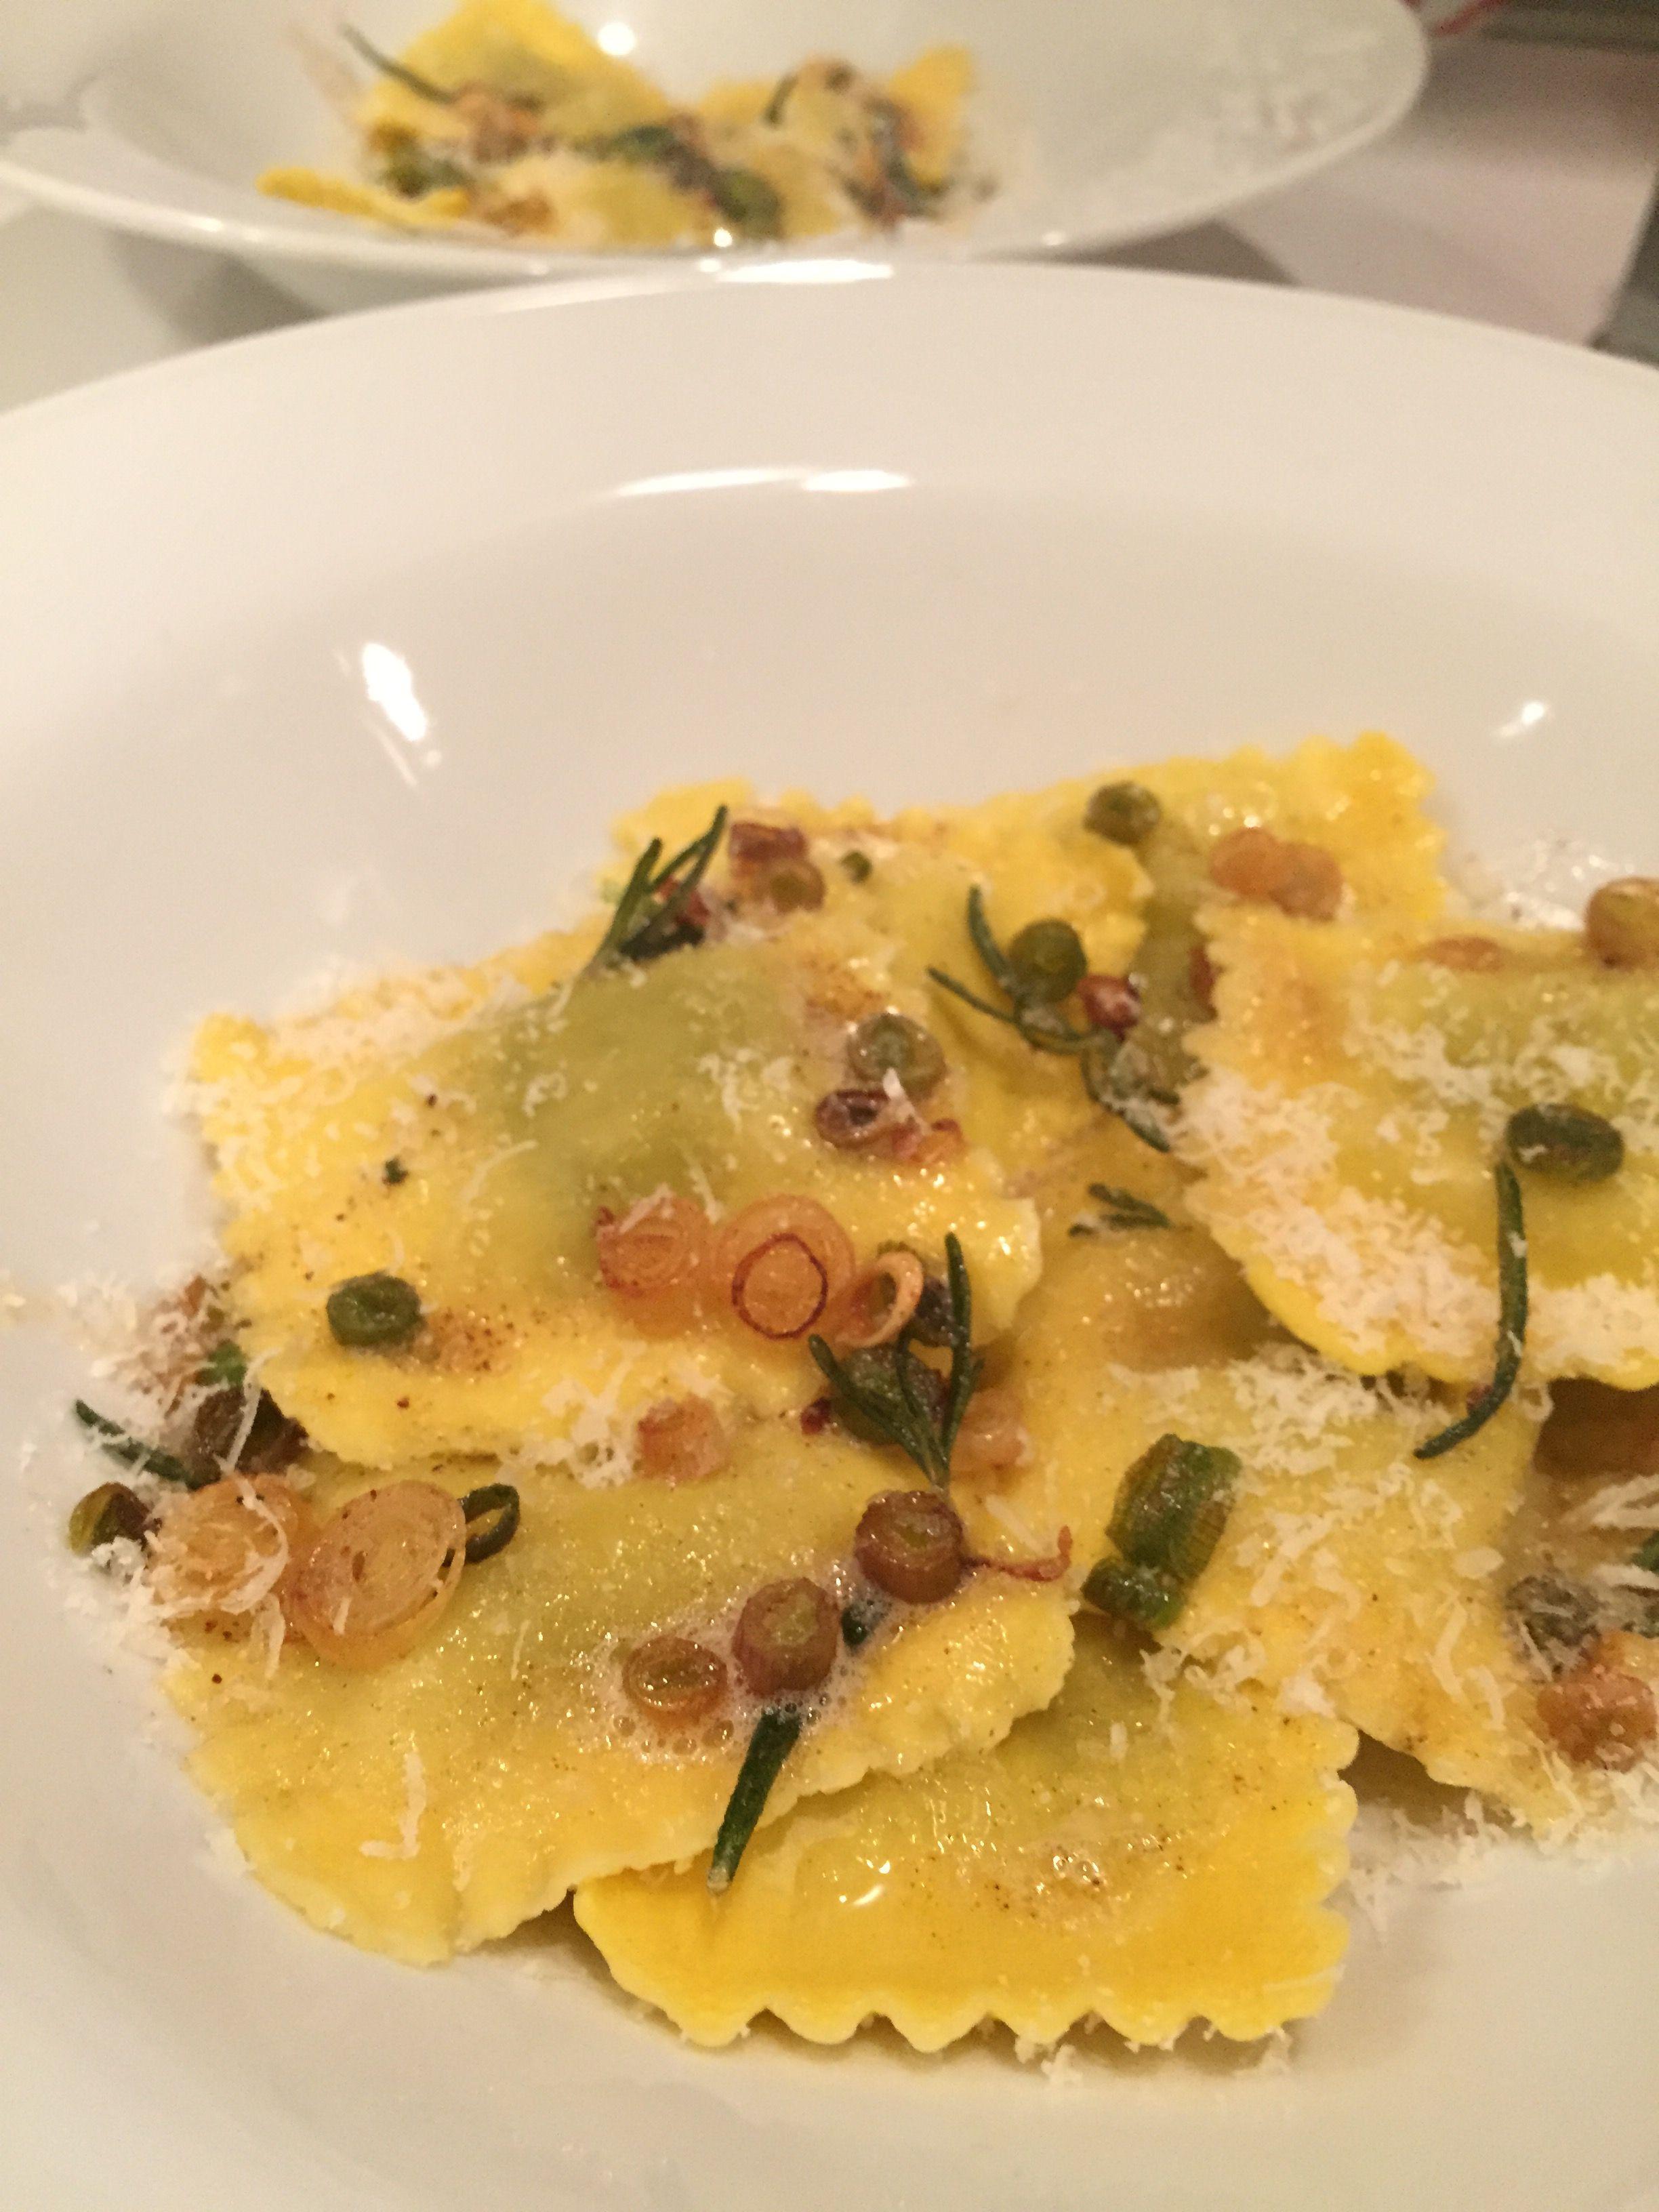 RAVIOLES A LA MANTEQUILLA Y AJO FRESCO #pasta #ravioles #recetafacil #easyrecipe